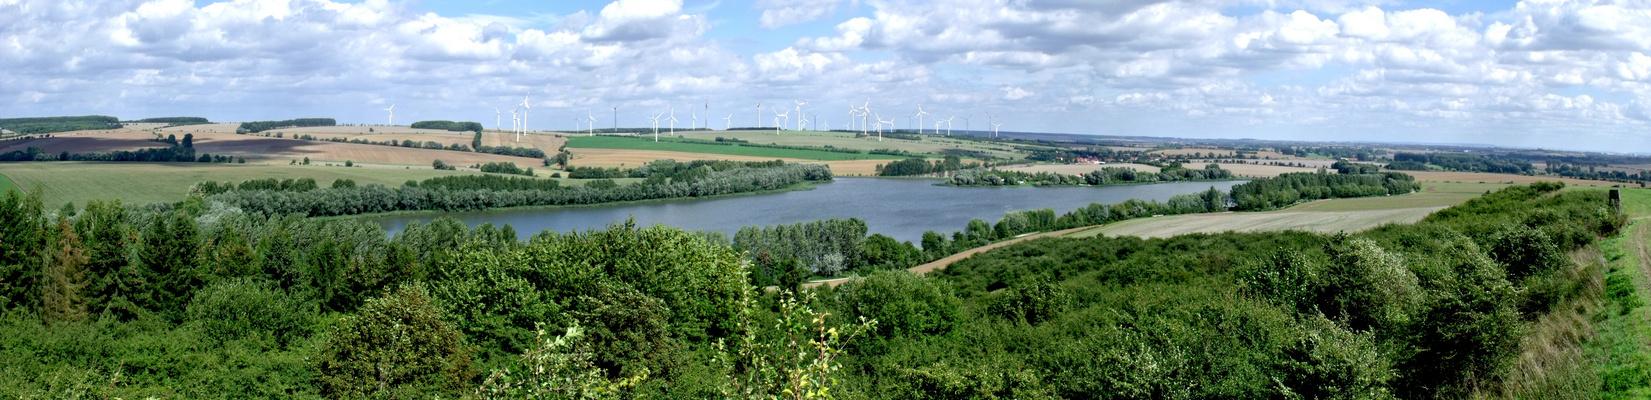 Stausee Wangenheim-Tüngeda